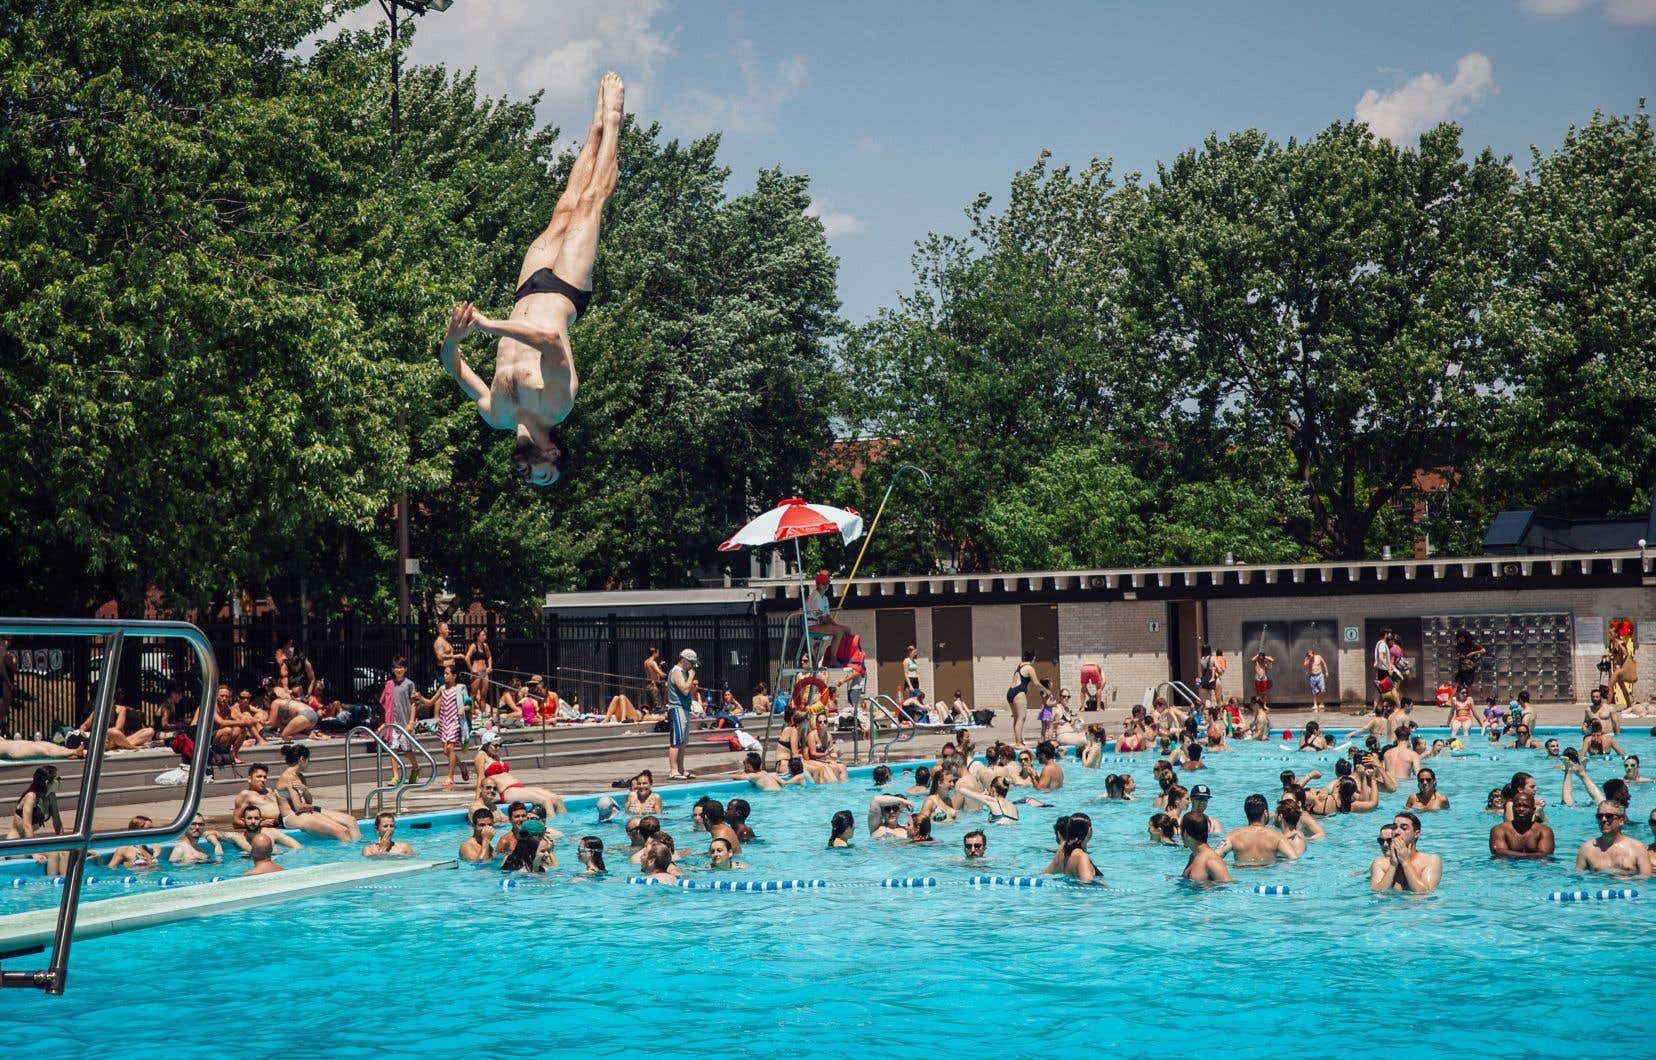 Un vestiaire universel permettra à tous les usagers de la piscine d'avoir un accès non genré et plus sécuritaire.